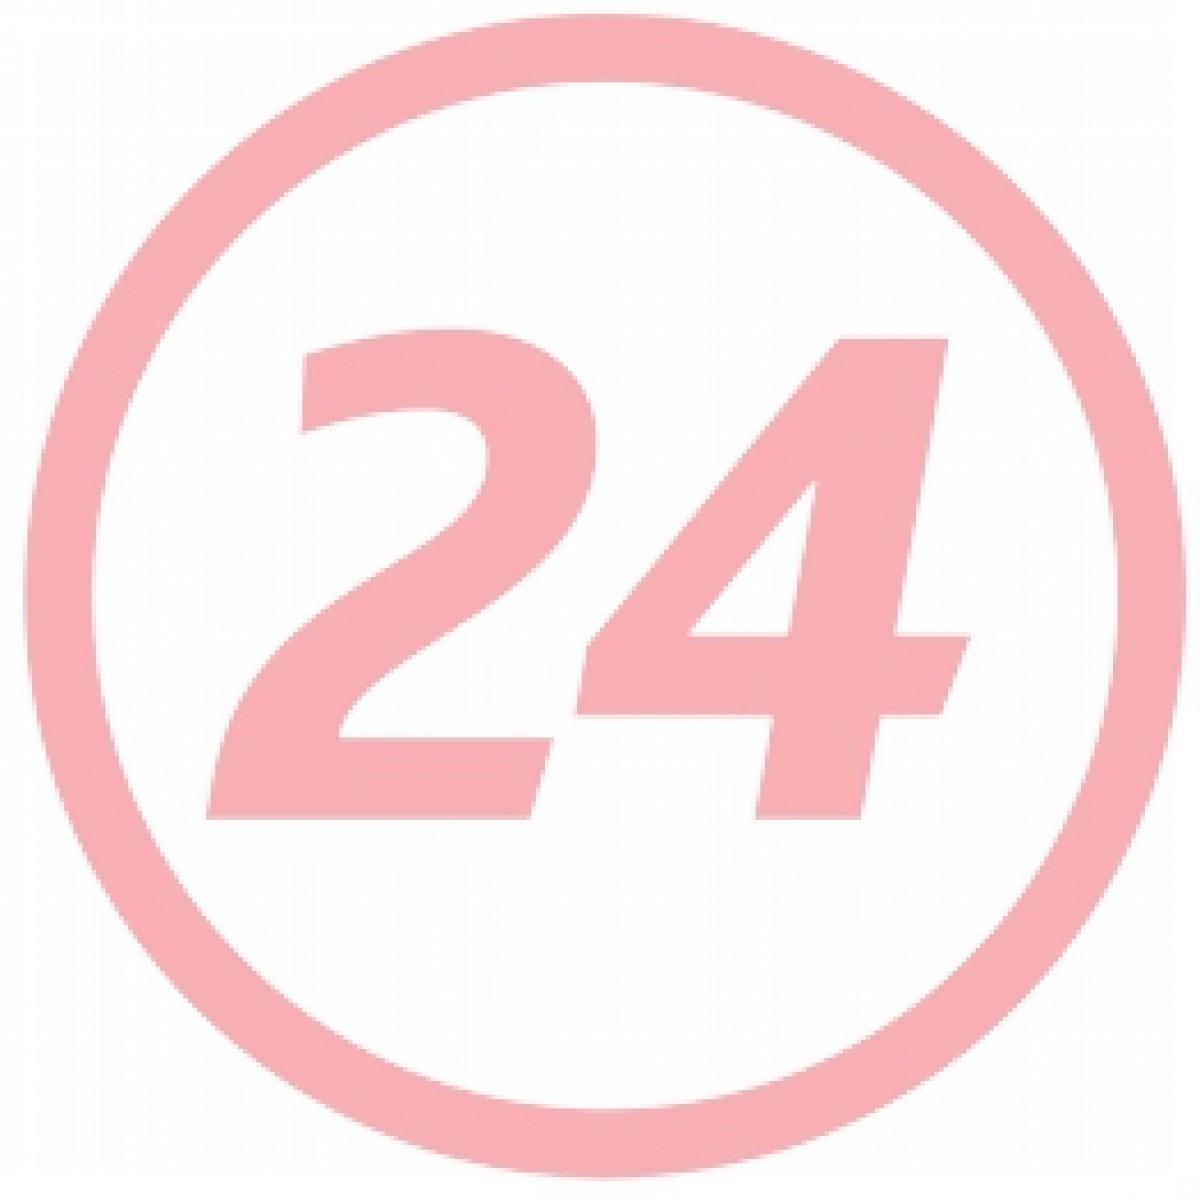 La Roche-Posay Toleriane Fluid 13 Fond De Ten Corector Beige Sable SPF 25, Fond De Ten, 30 ml